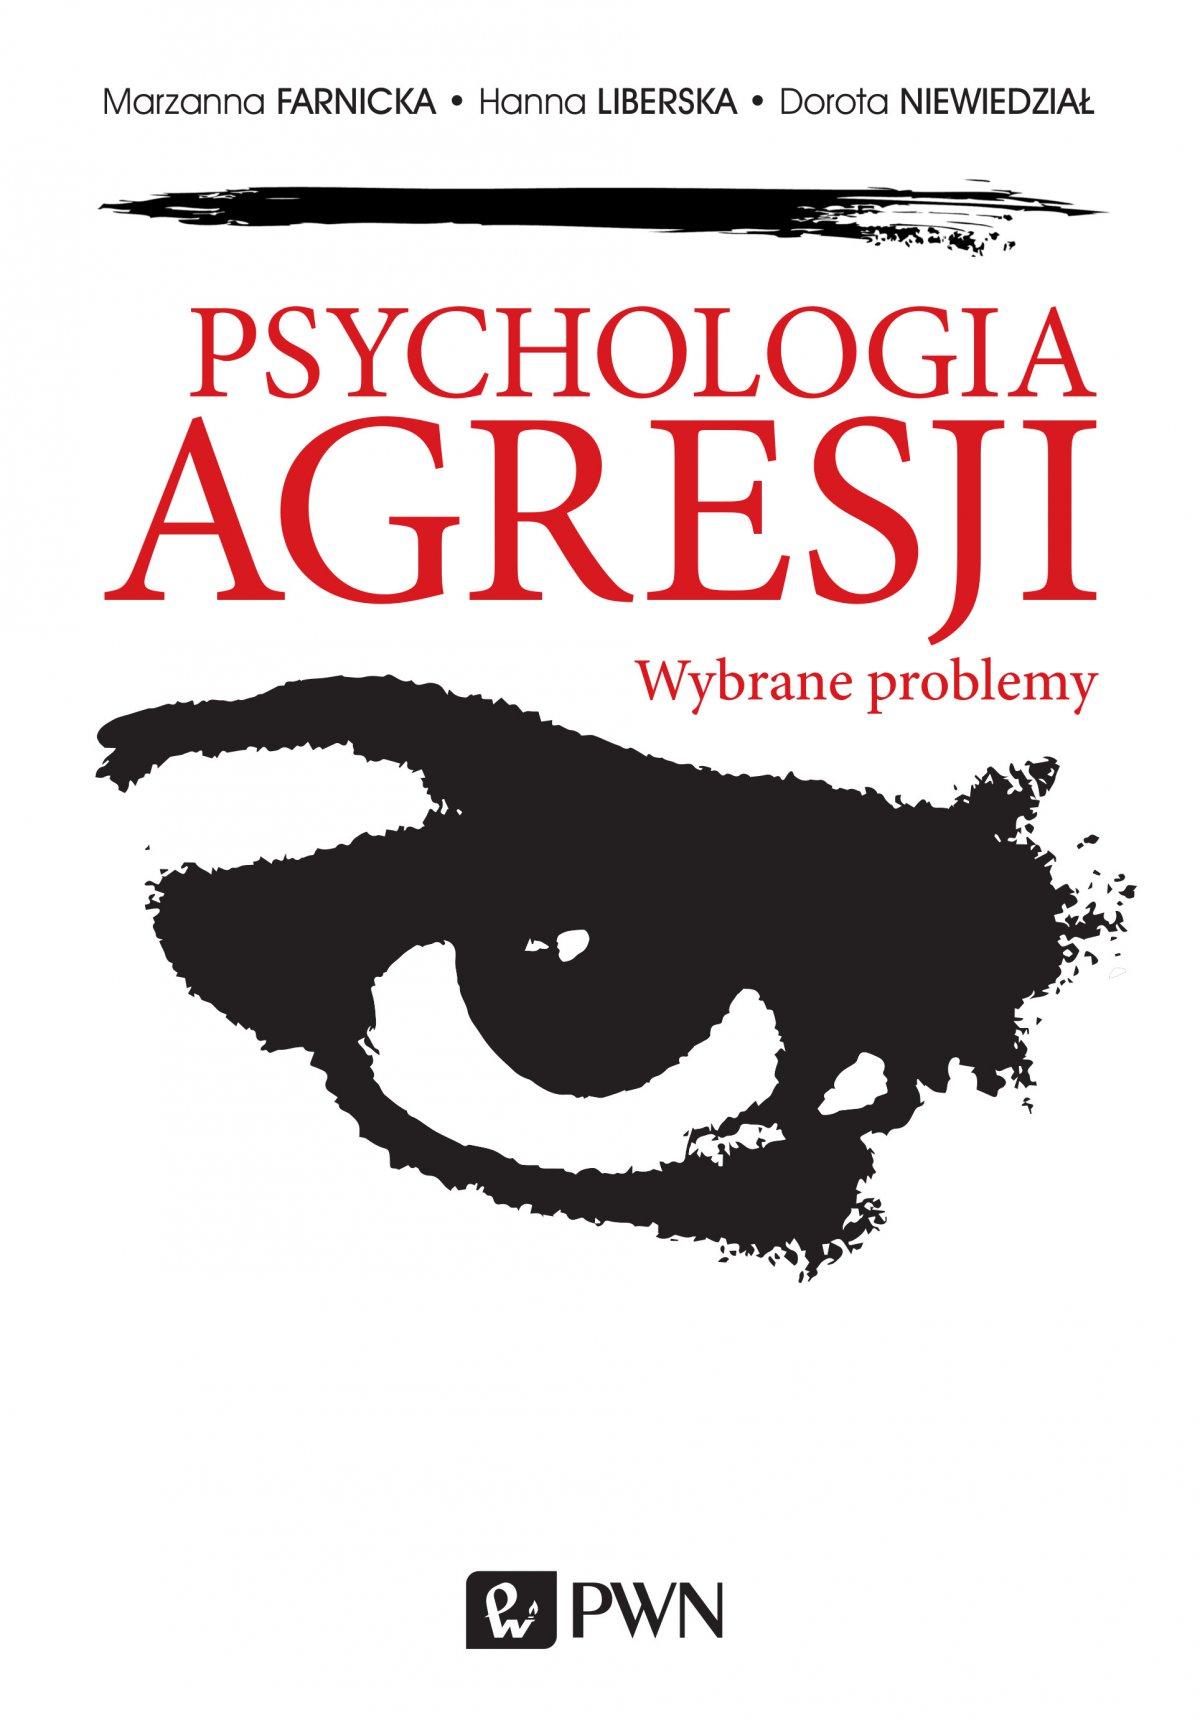 Psychologia agresji. Wybrane problemy - Ebook (Książka na Kindle) do pobrania w formacie MOBI